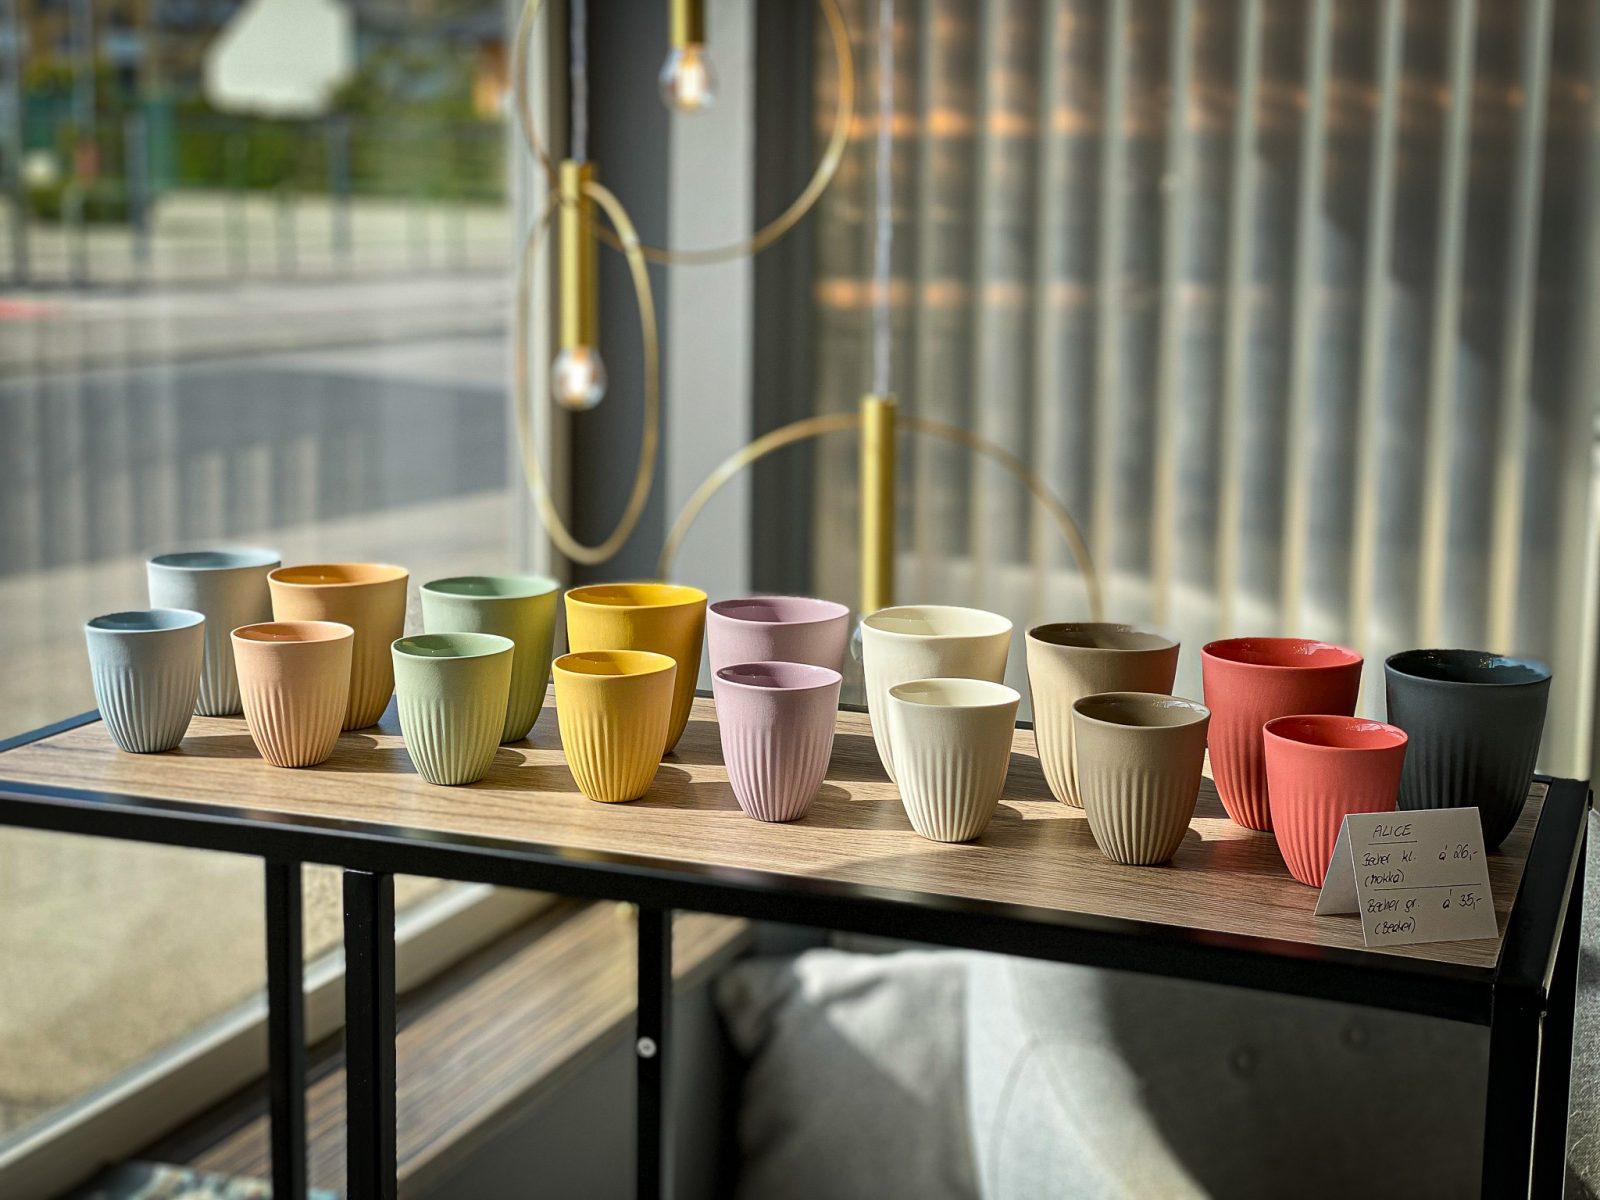 Porzellan feine Dinge Becher Kaffee groß und klein